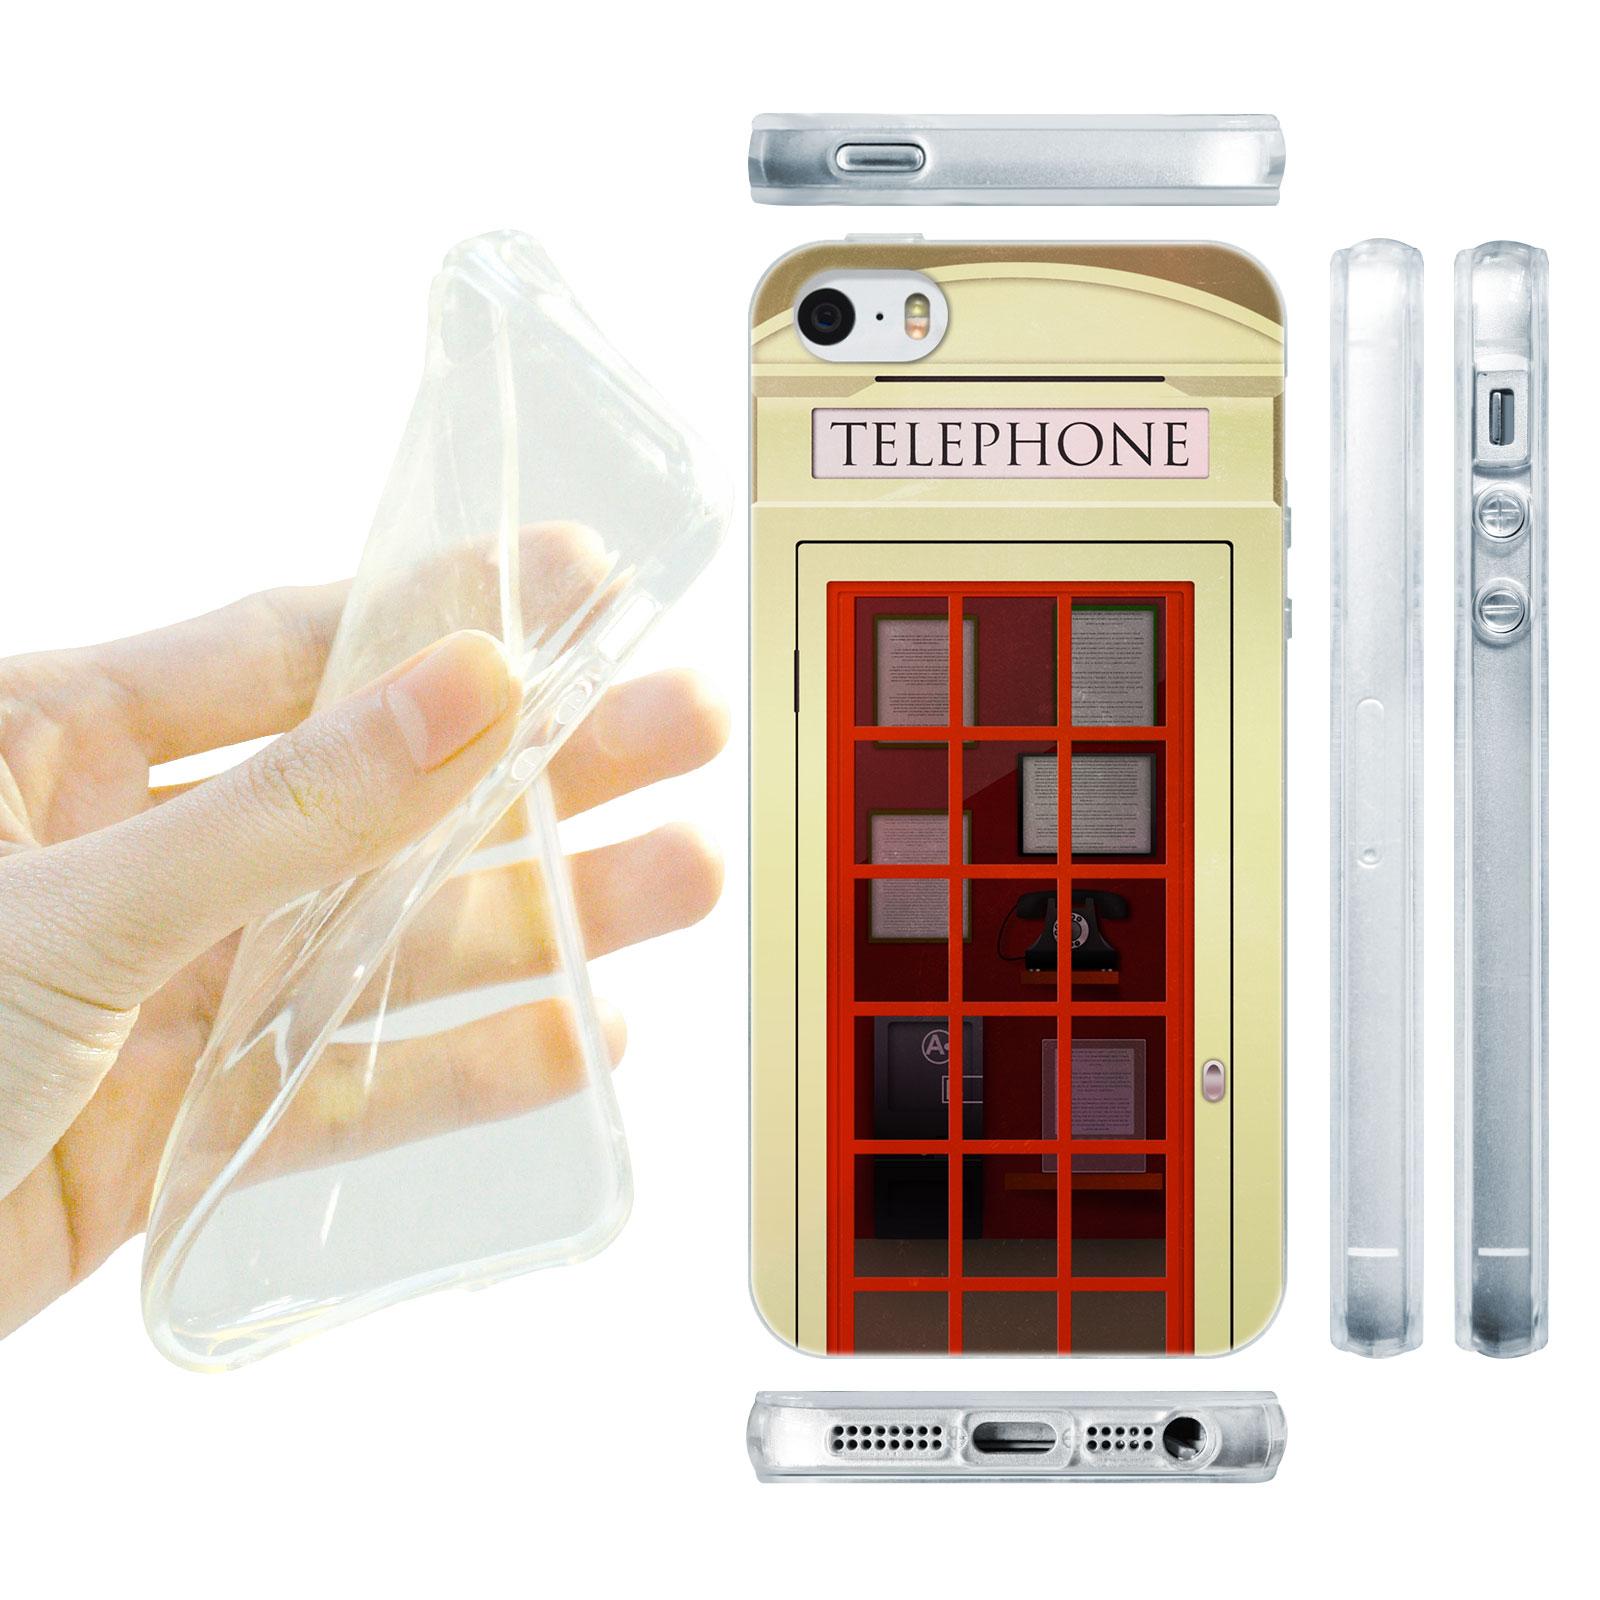 HEAD CASE silikonový obal na mobil Iphone 5/5S telefonní budka béžová barva